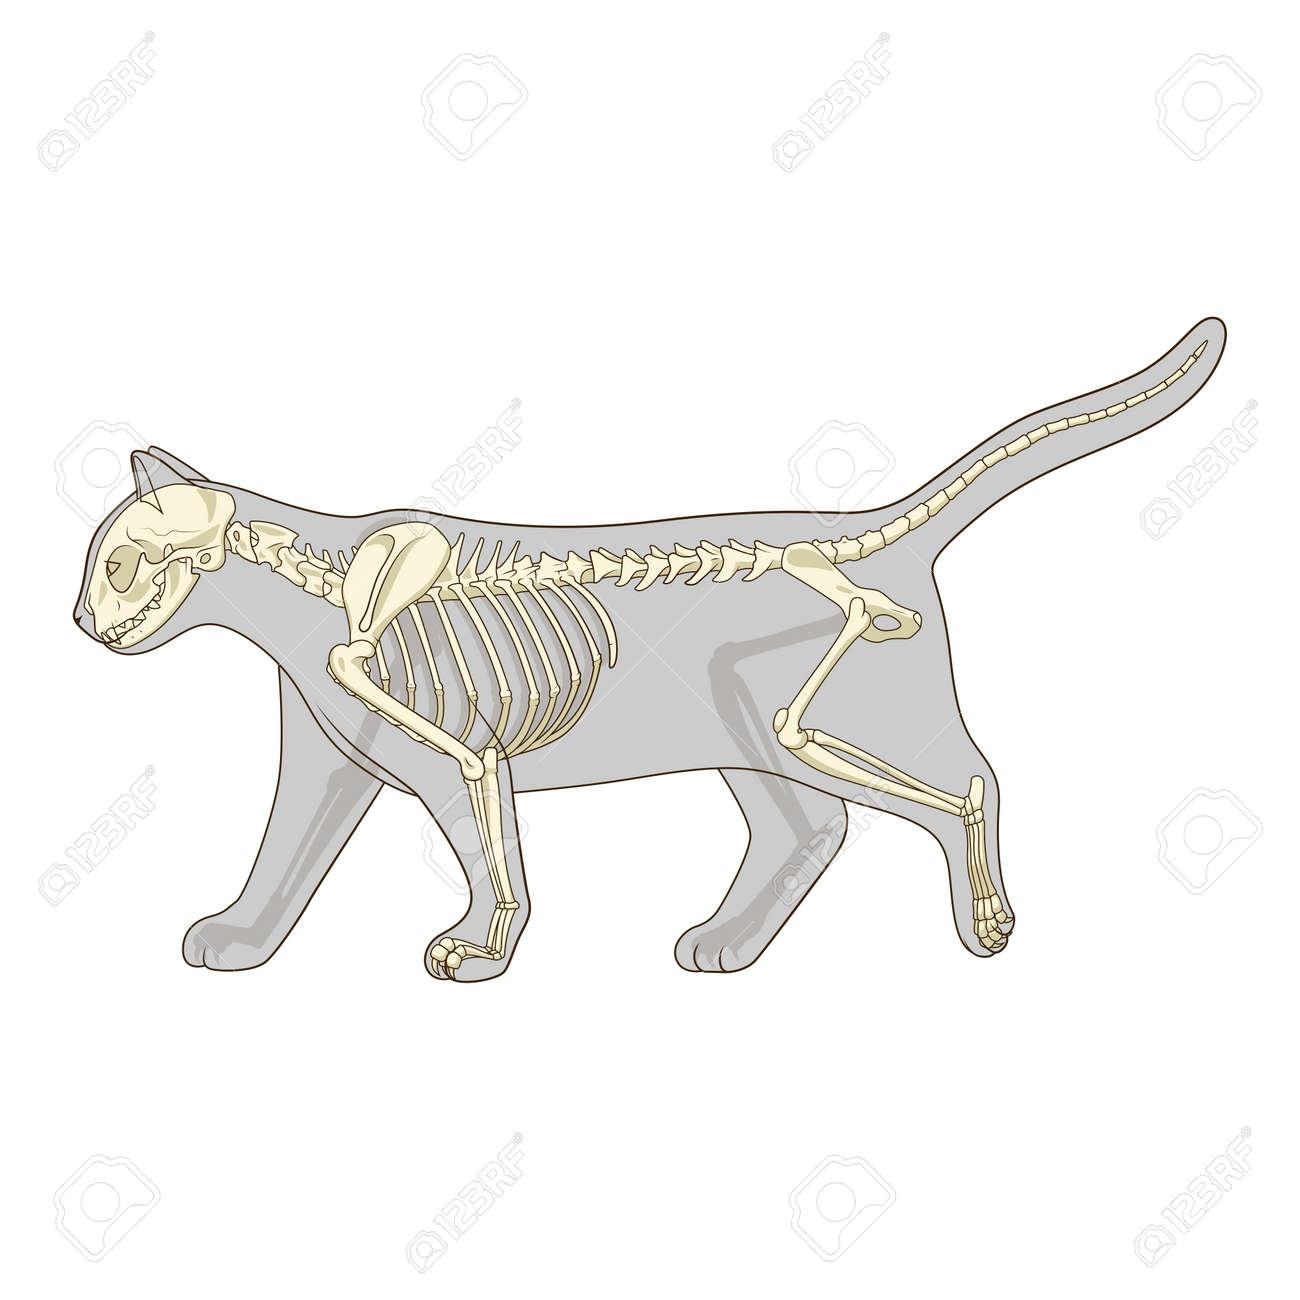 Fein äußere Anatomie Einer Katze Zeitgenössisch - Anatomie Ideen ...